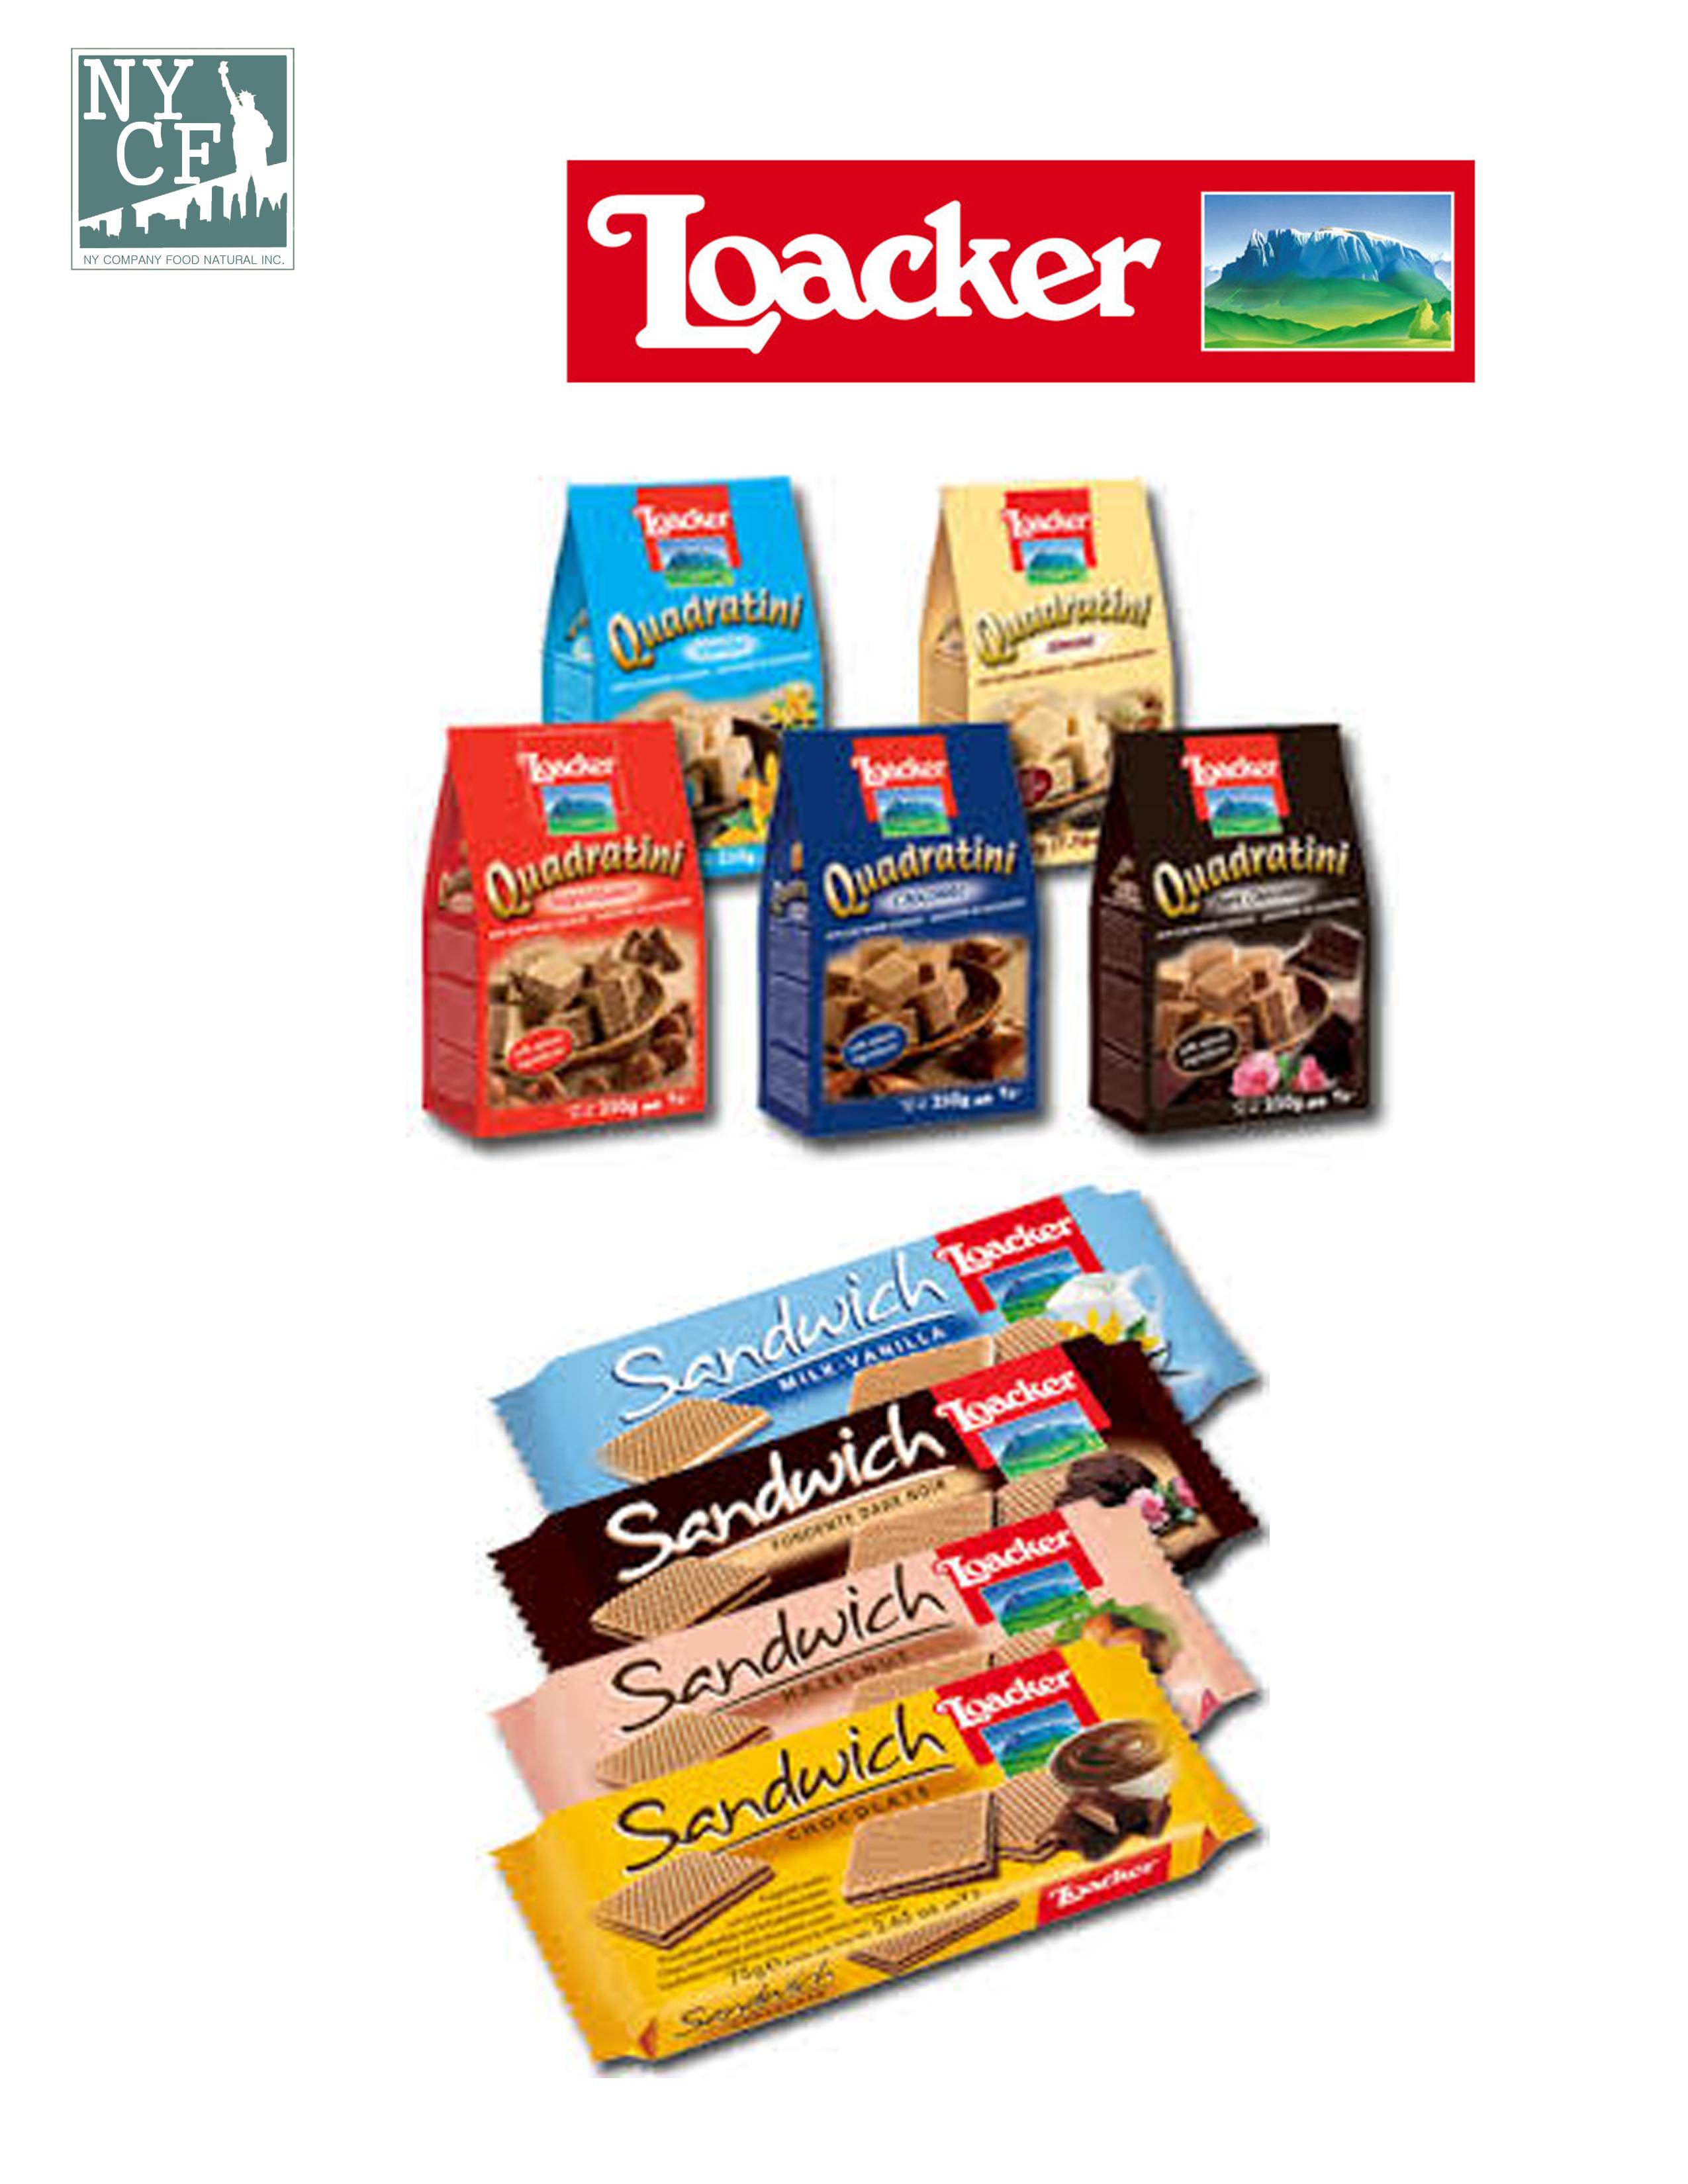 LOACKER SANDWICH